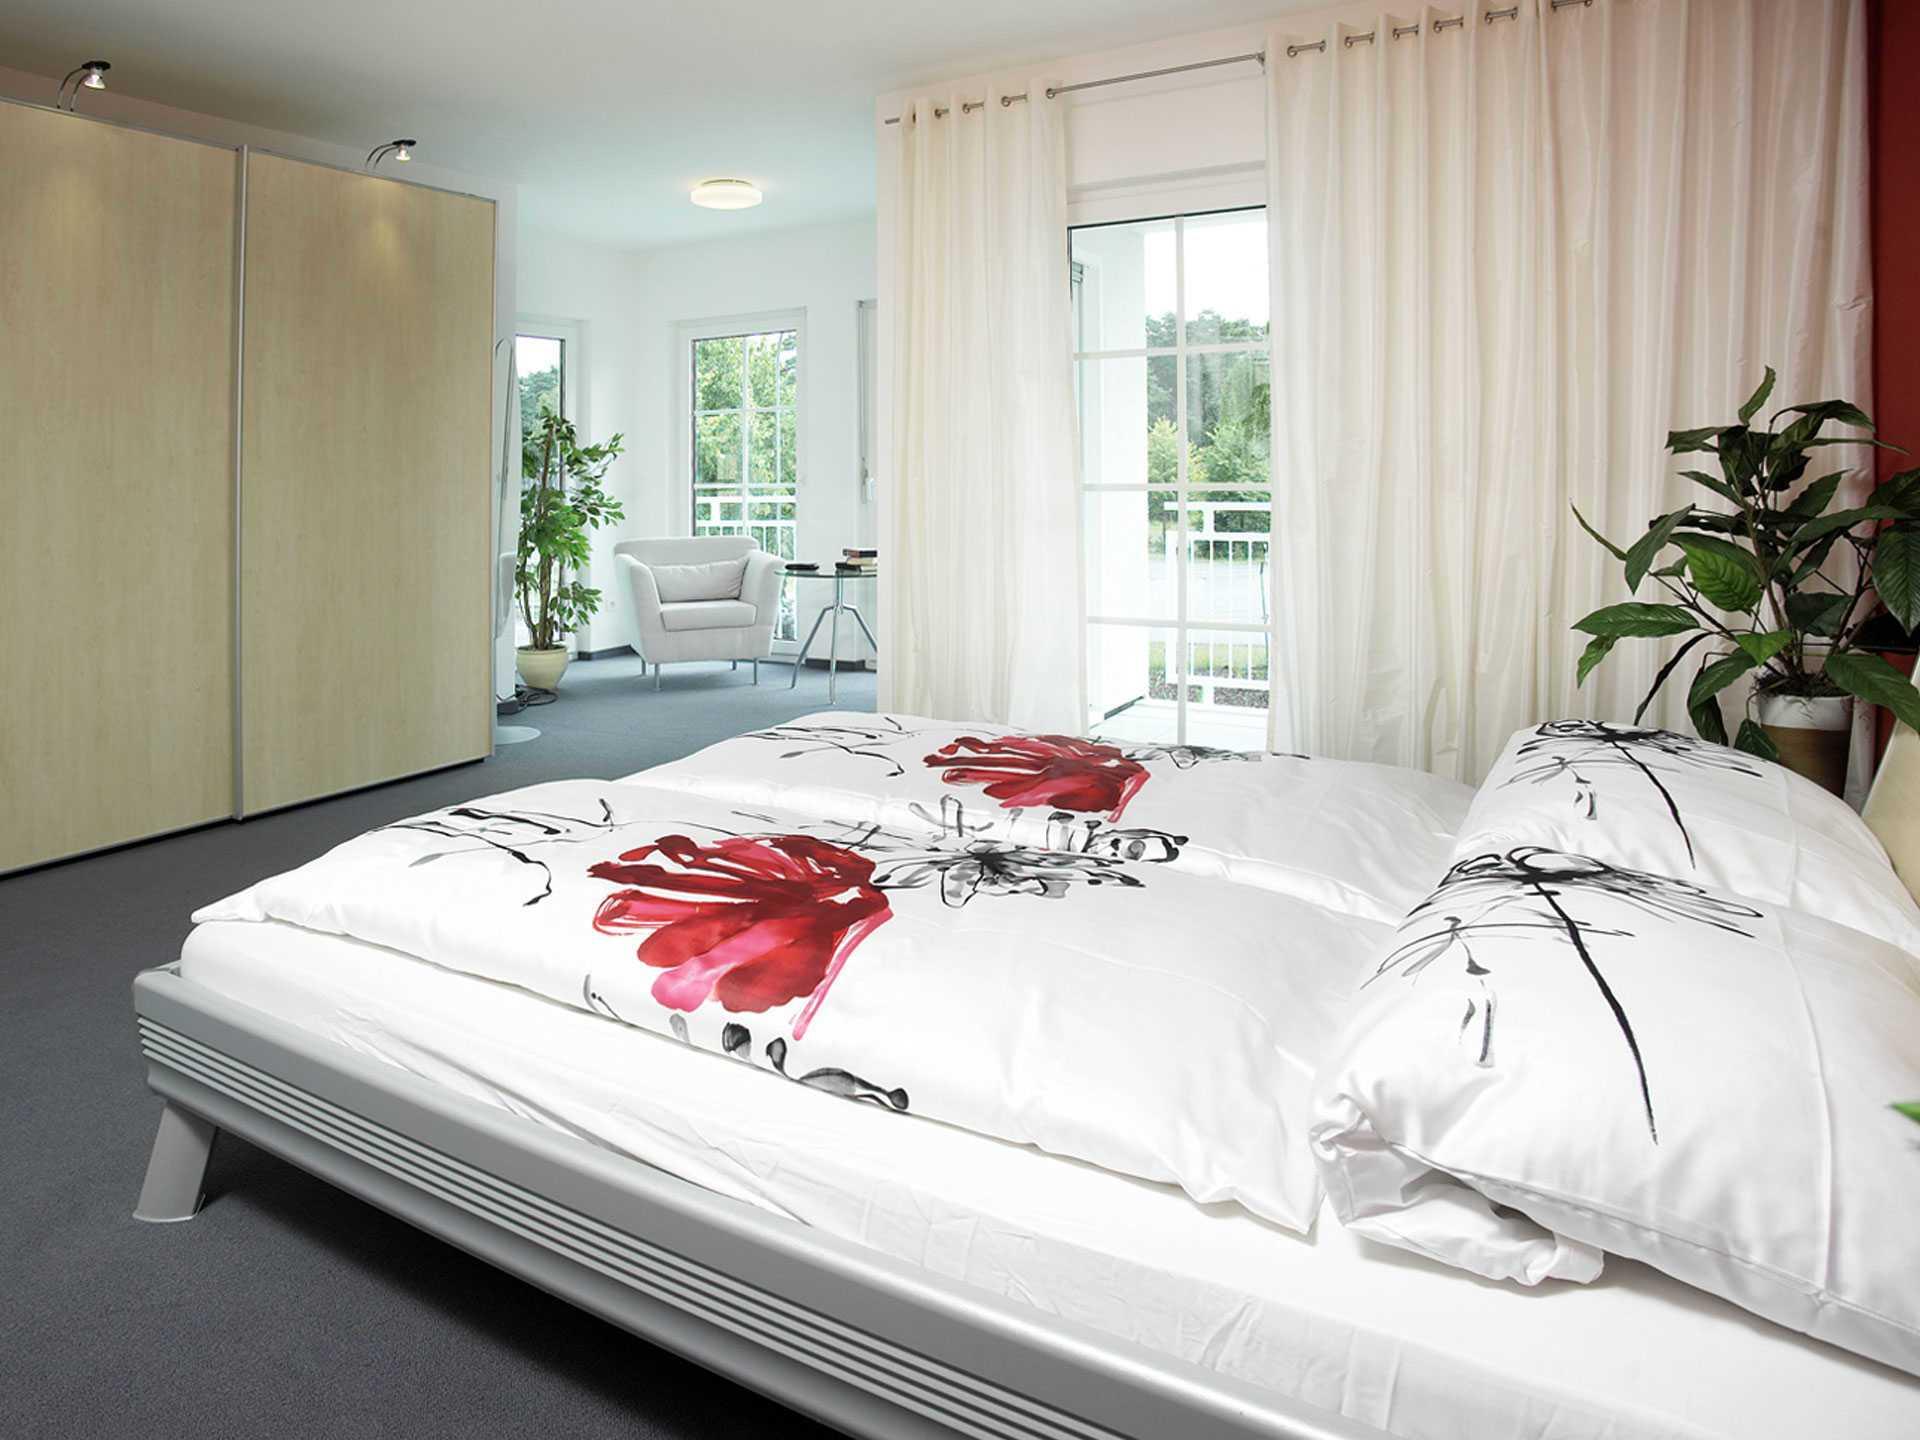 Musterhaus Bielefeld Okal Haus Musterhausnet